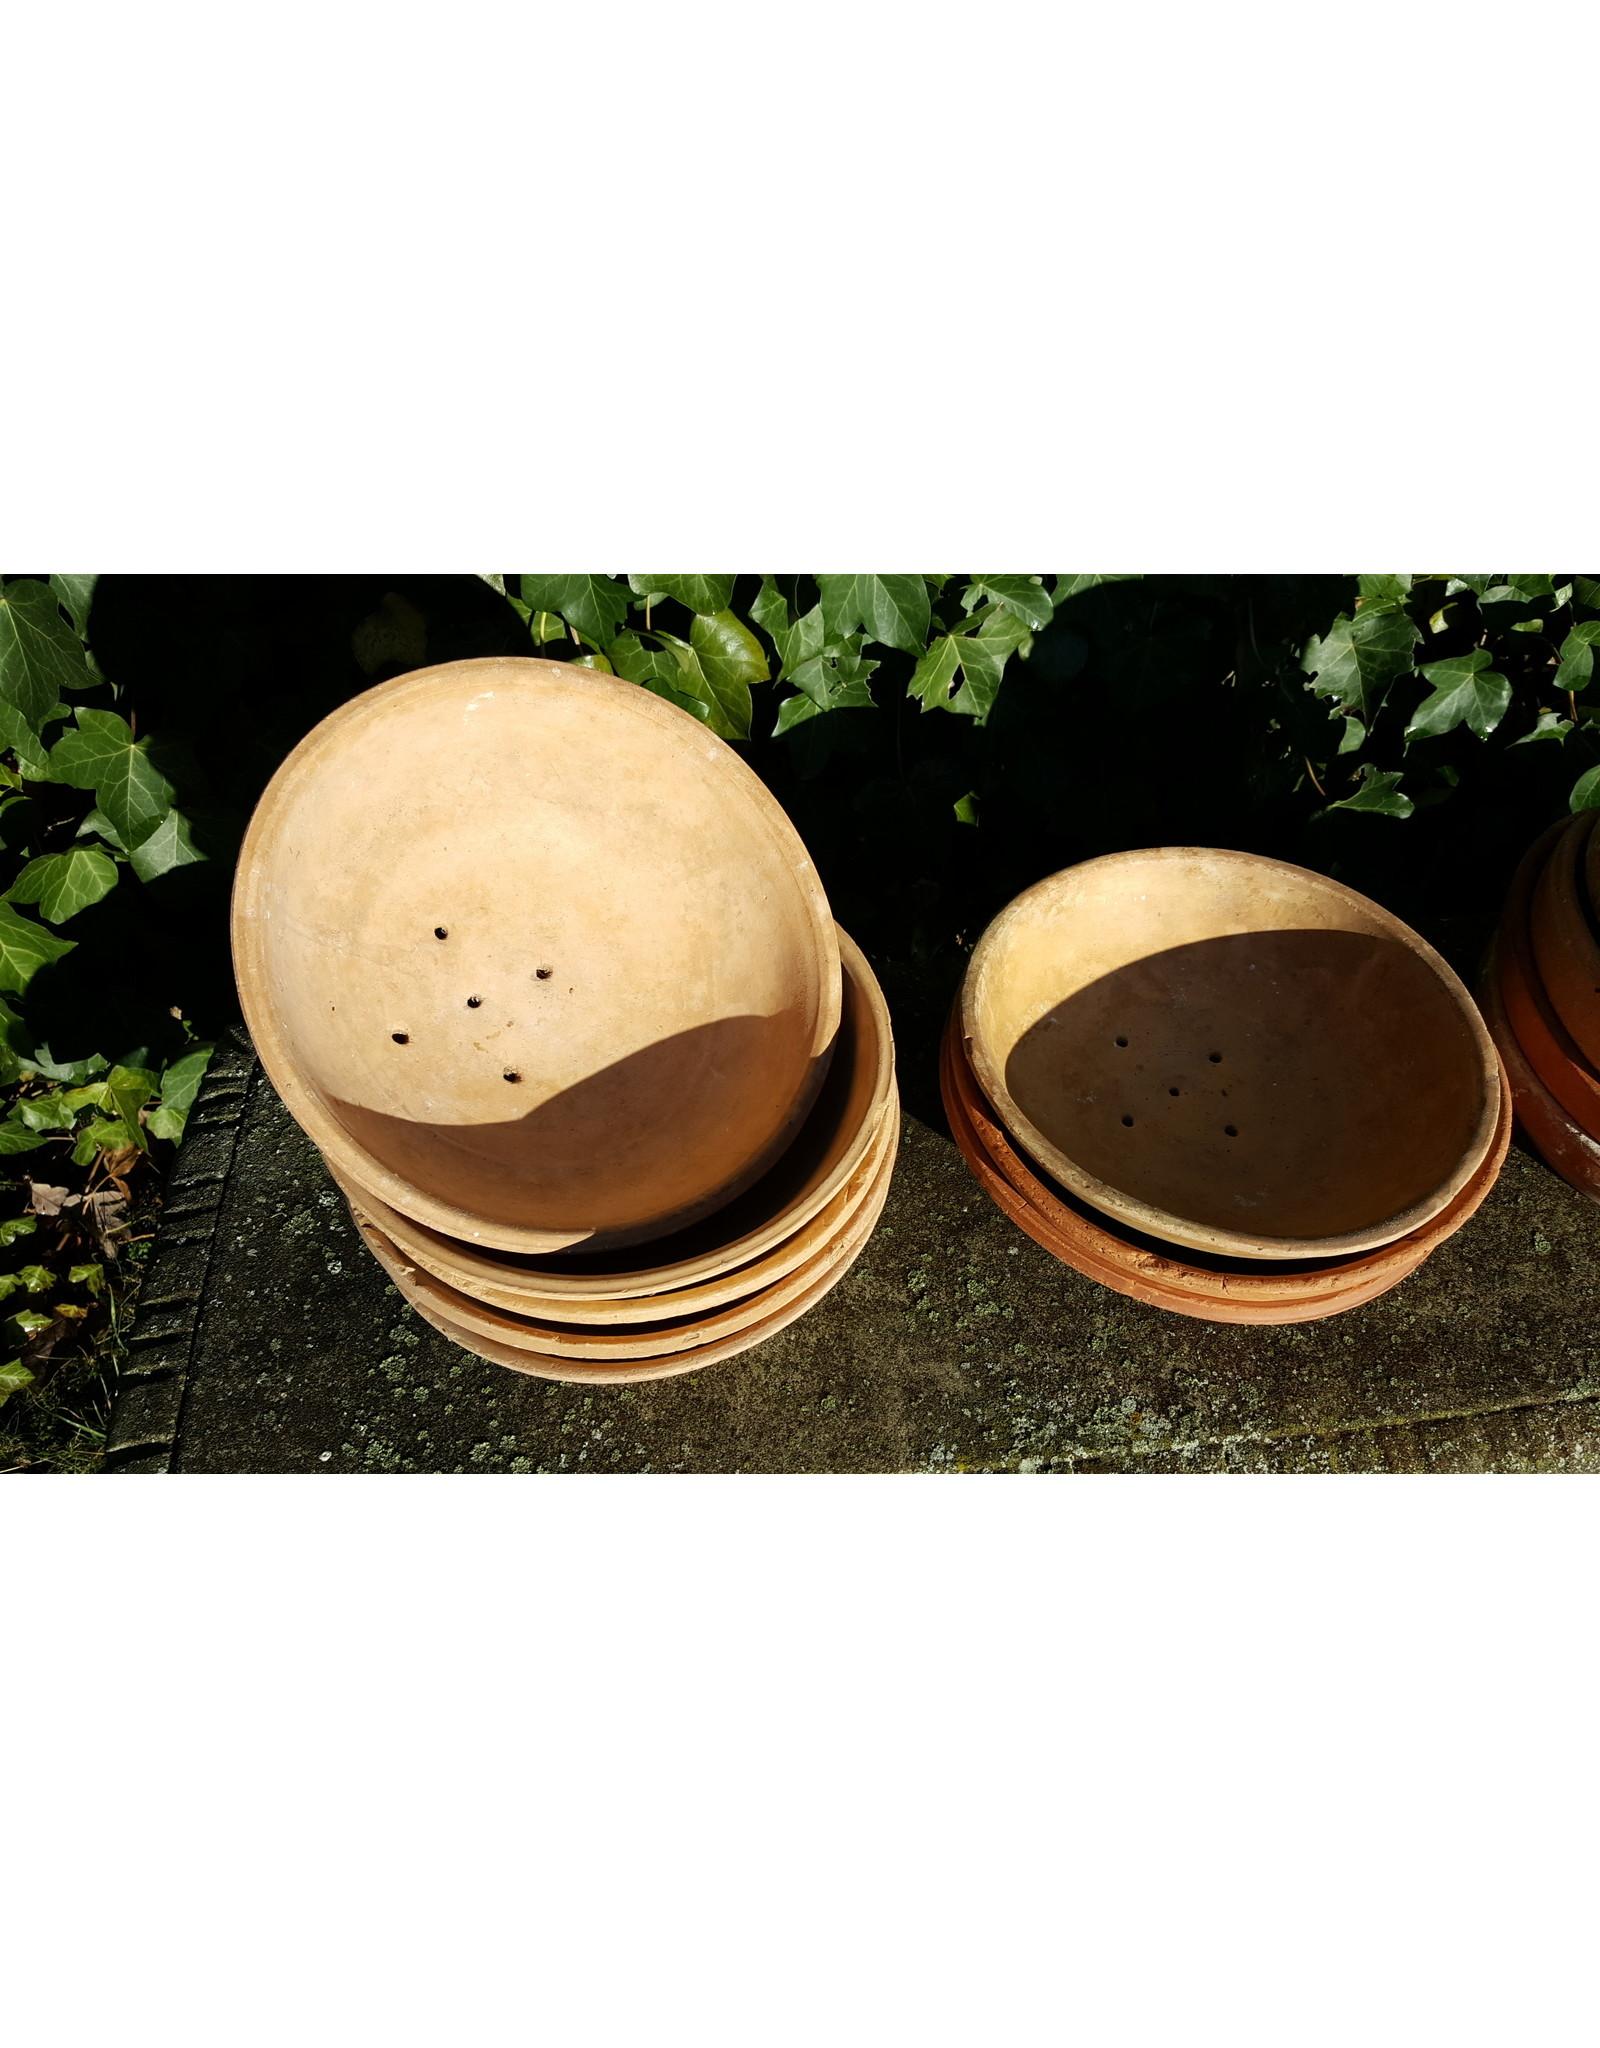 Brocante aardewerken duivenschaal, broedschaal